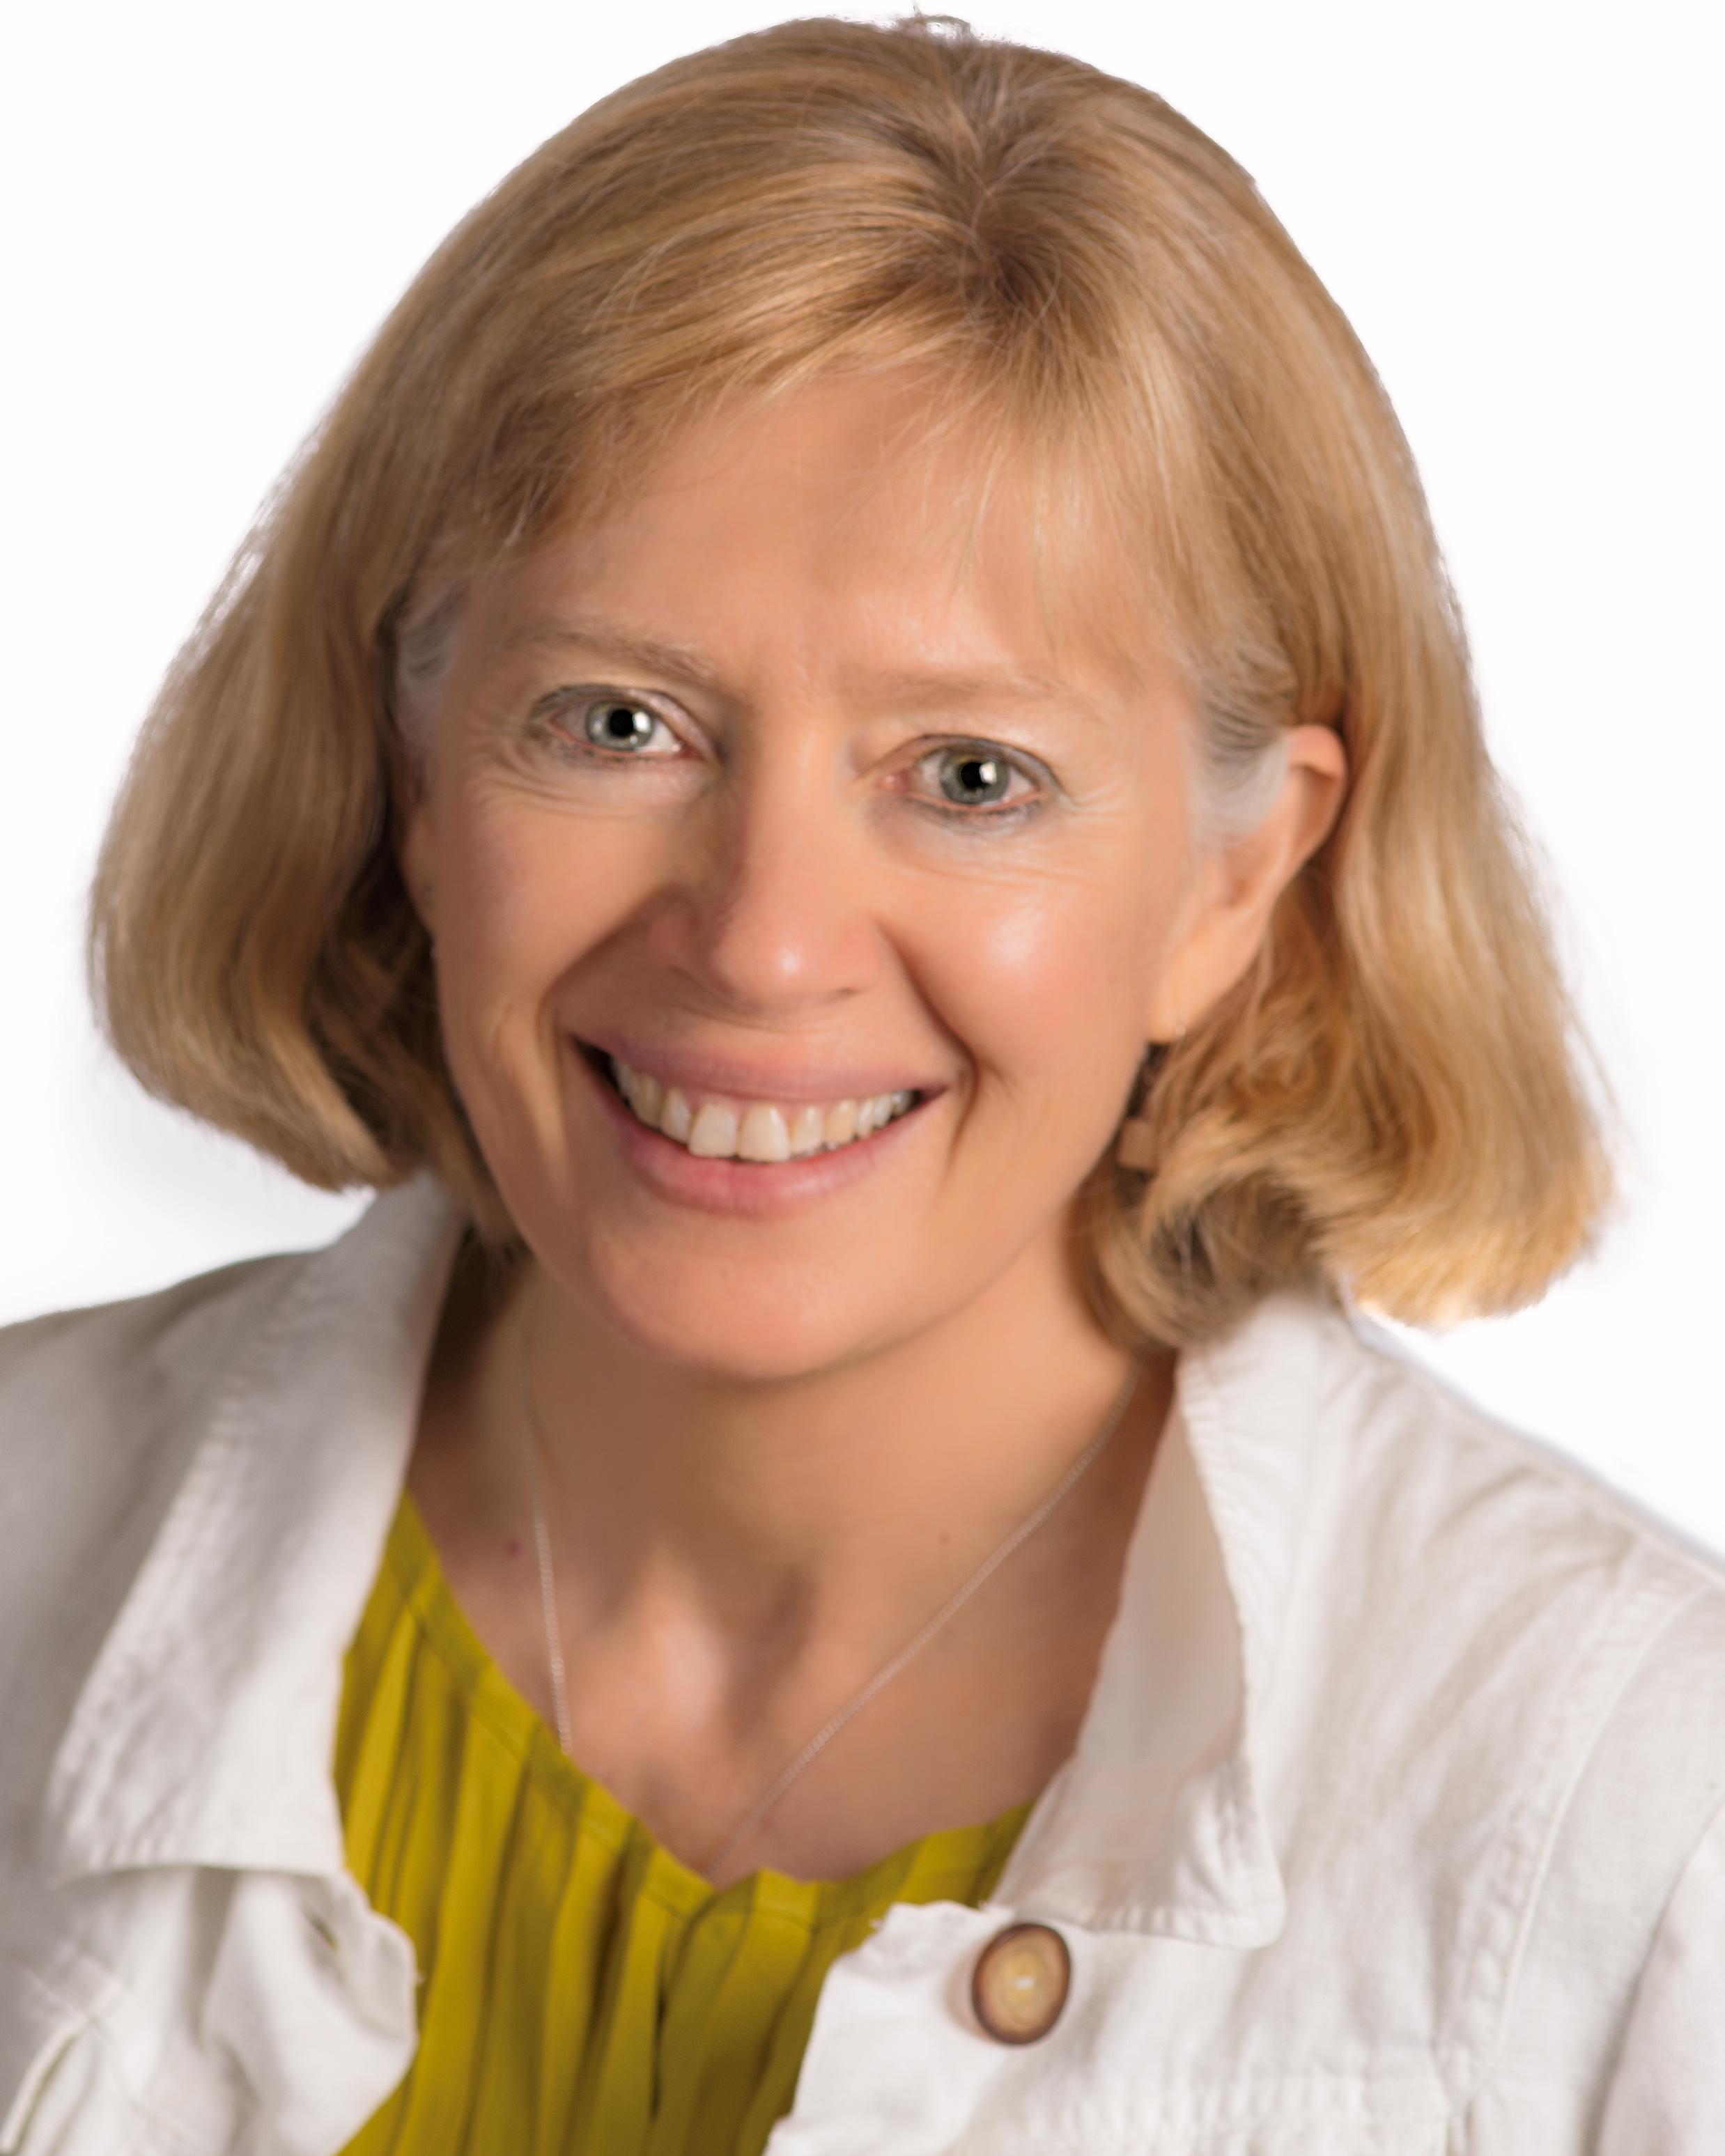 Amanda Hatherly